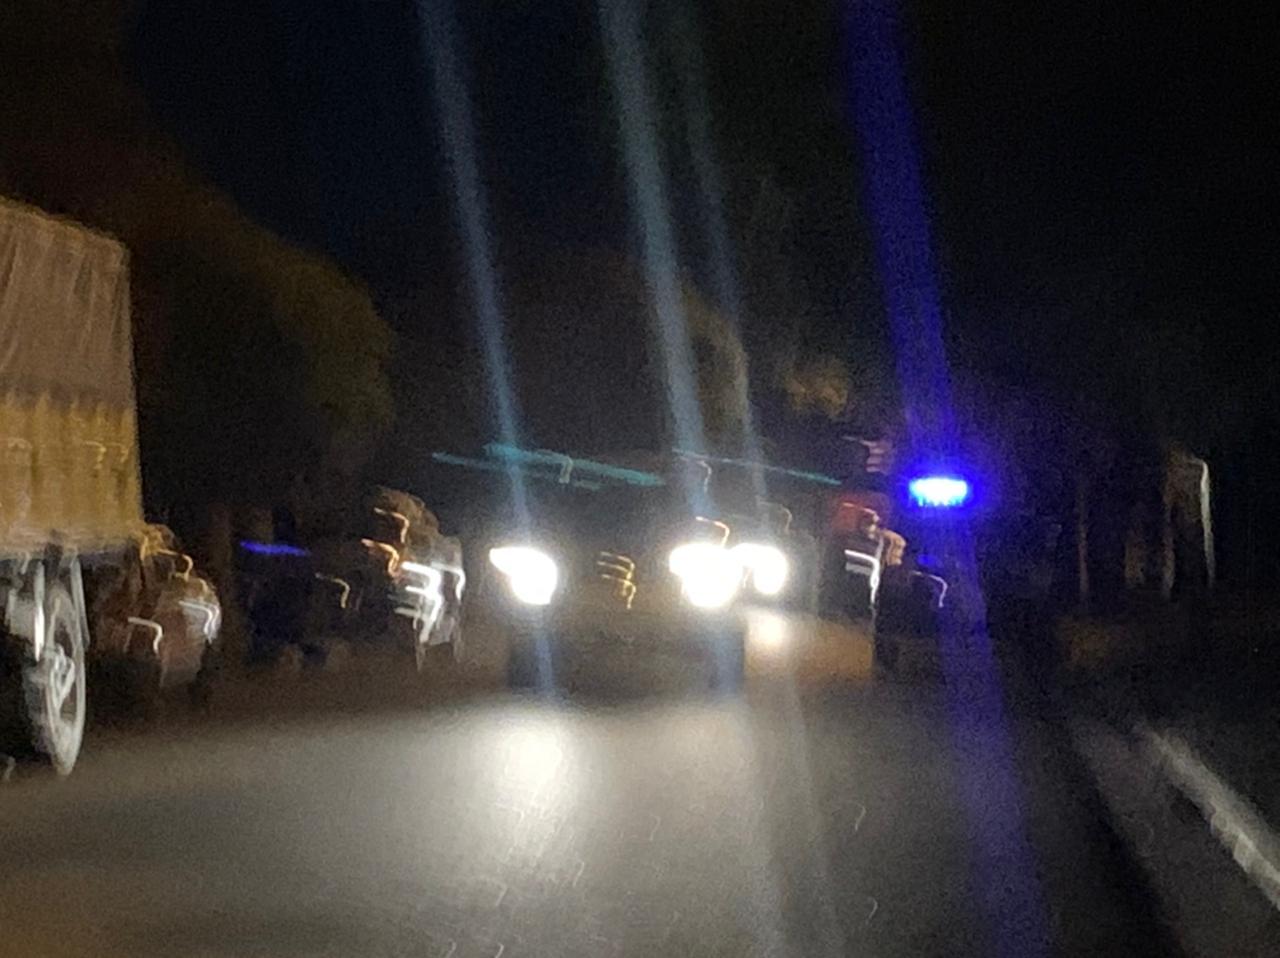 Suceso extraño con un camión motivó presencia policial